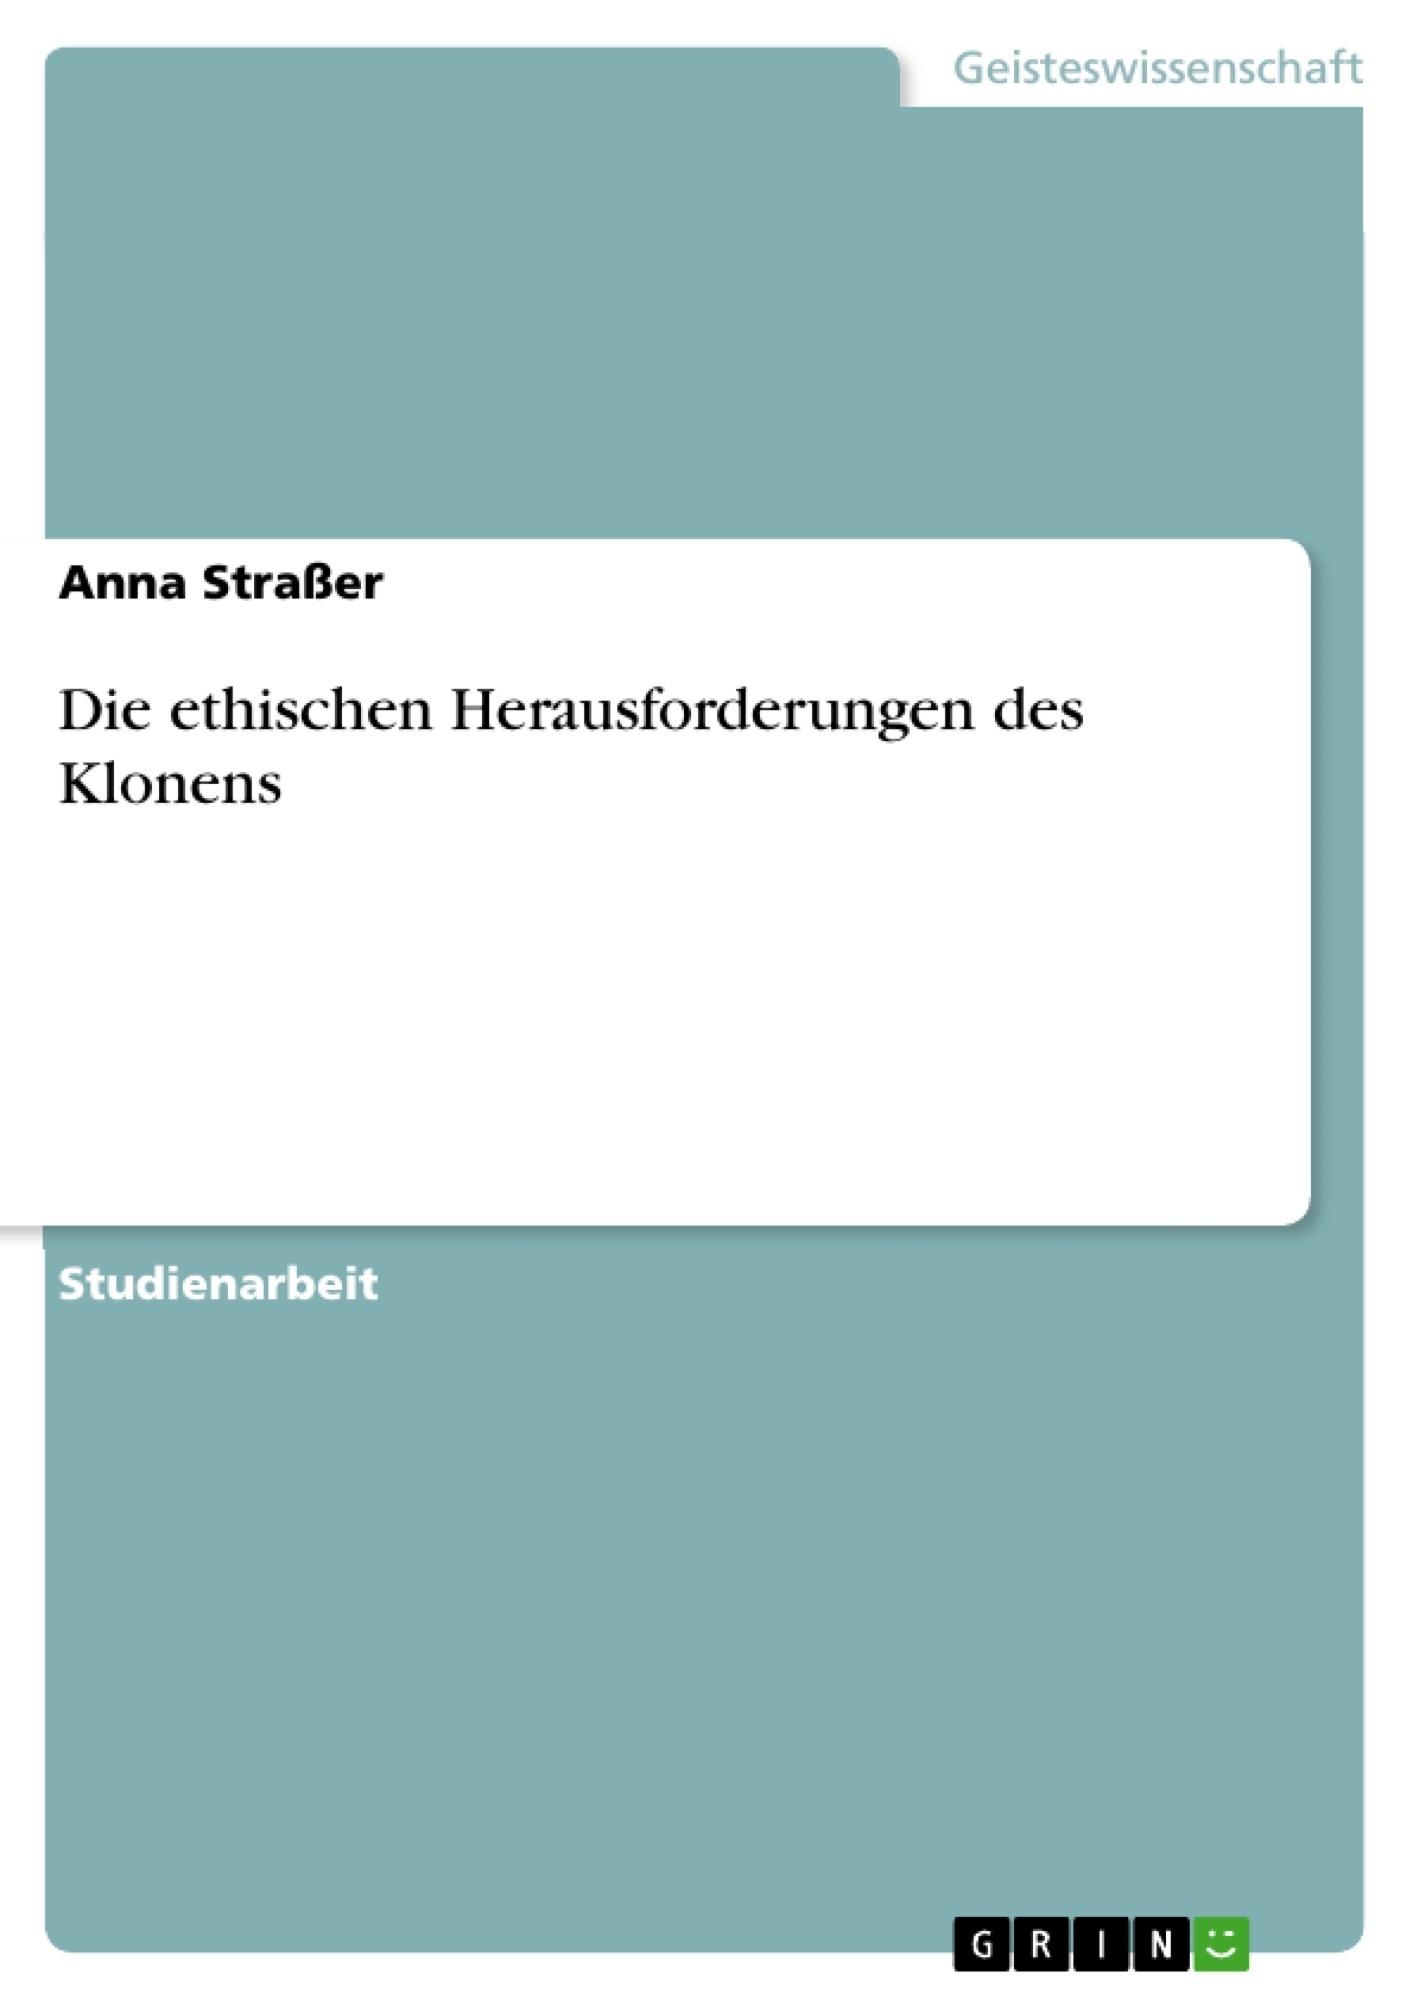 Titel: Die ethischen Herausforderungen des Klonens